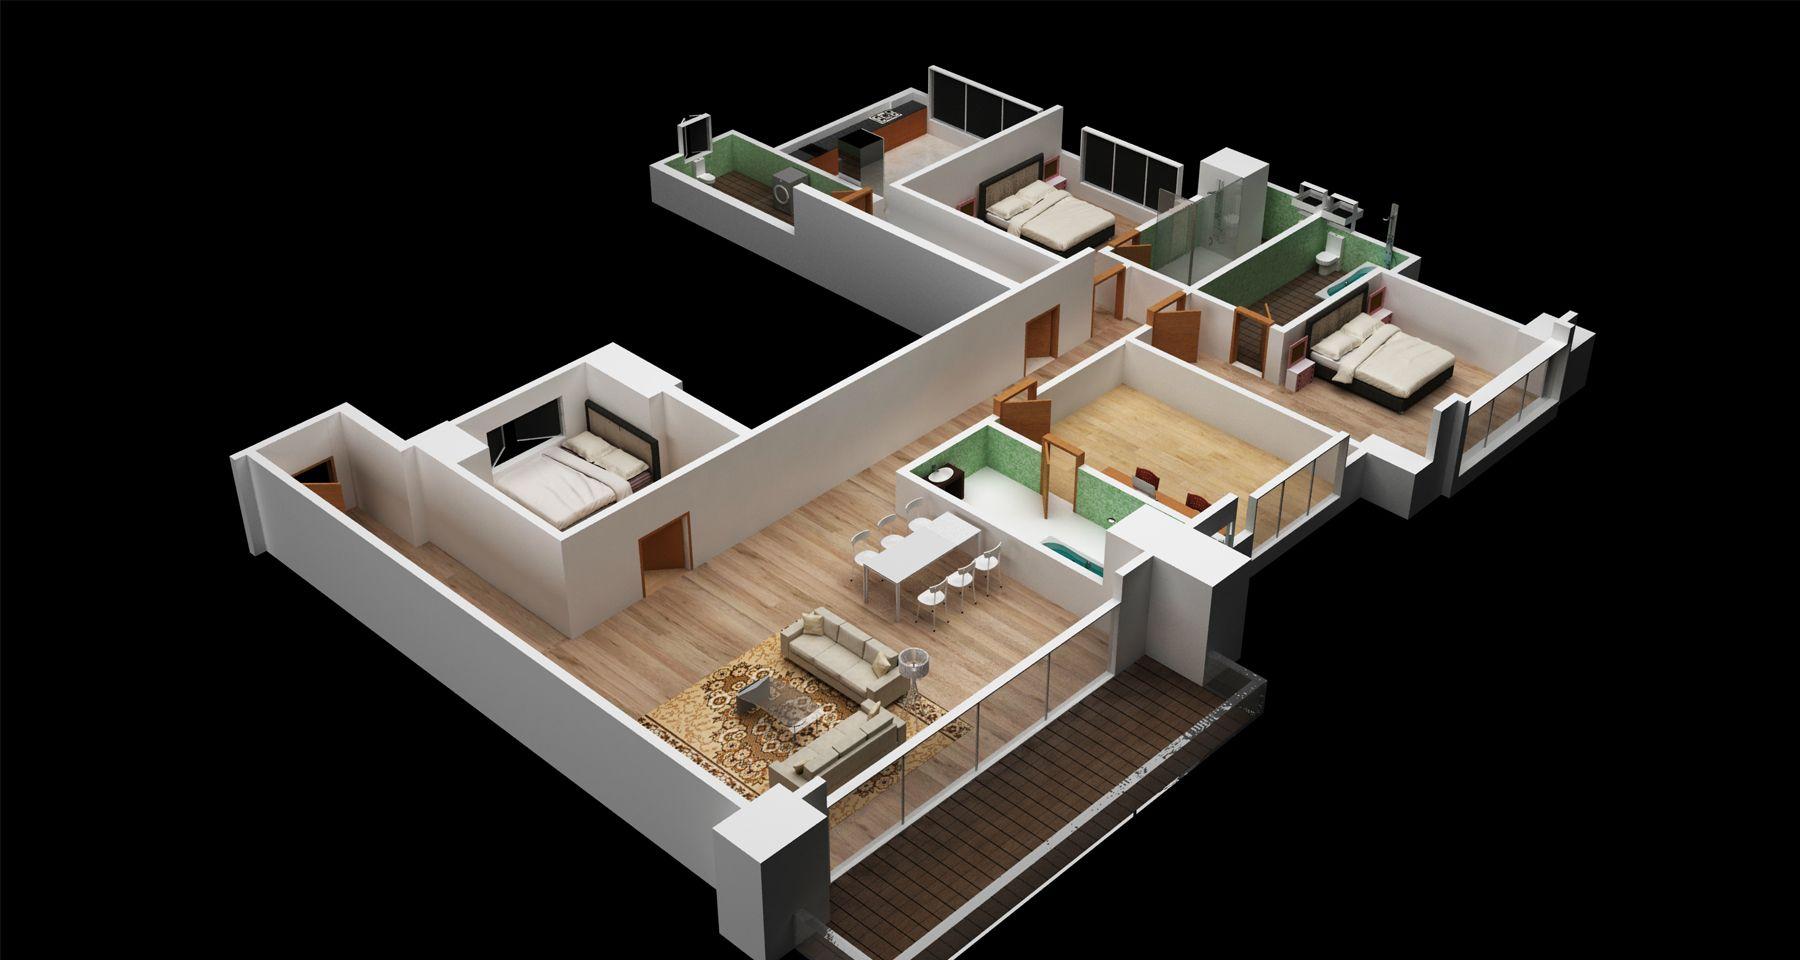 3d Floor Plan Download Evermotion Floor Plans How To Plan Flooring